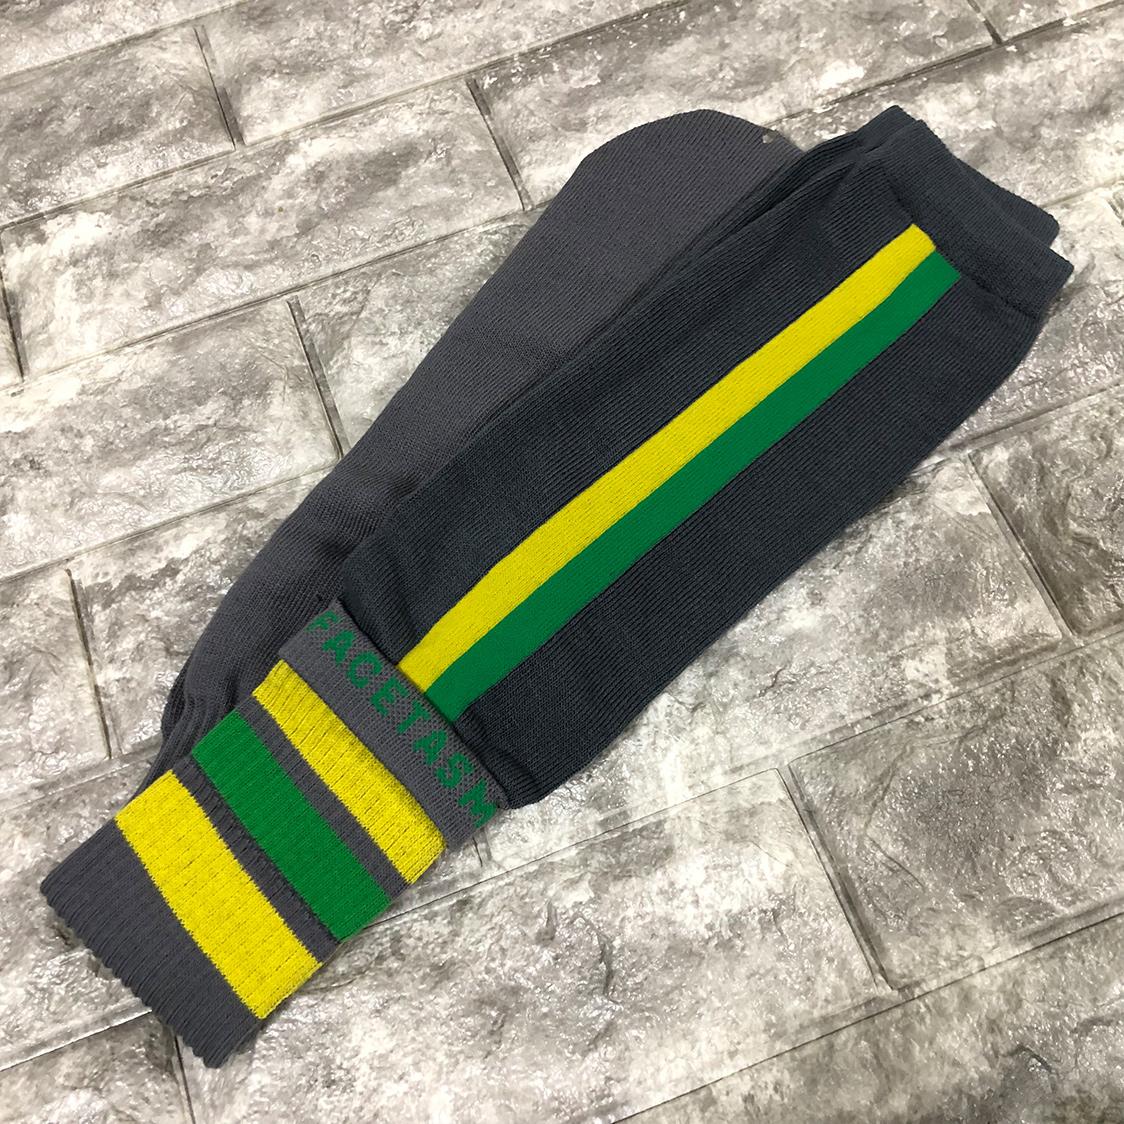 新品 FACETASM ファセッタズム 靴下 ハイソックス LOGO SOCKS ロゴ フリーサイズ メンズ グレー グリーン イエロー